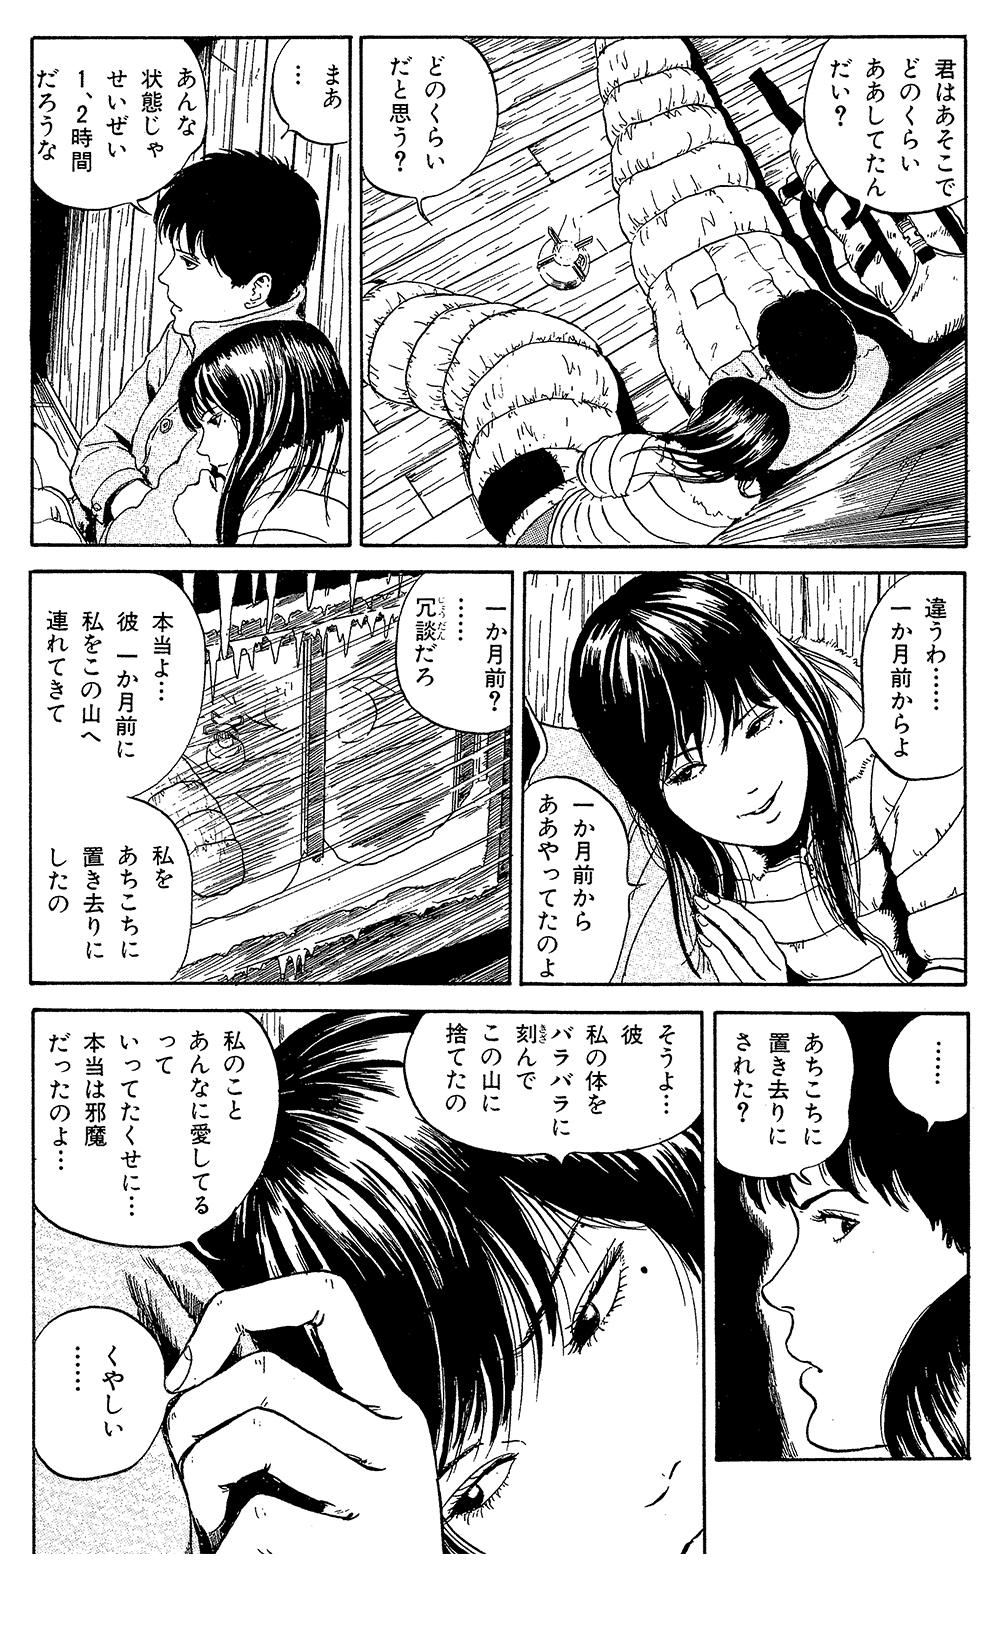 伊藤潤二傑作集 第7話「富江・復讐」2itouj24-0299.jpg